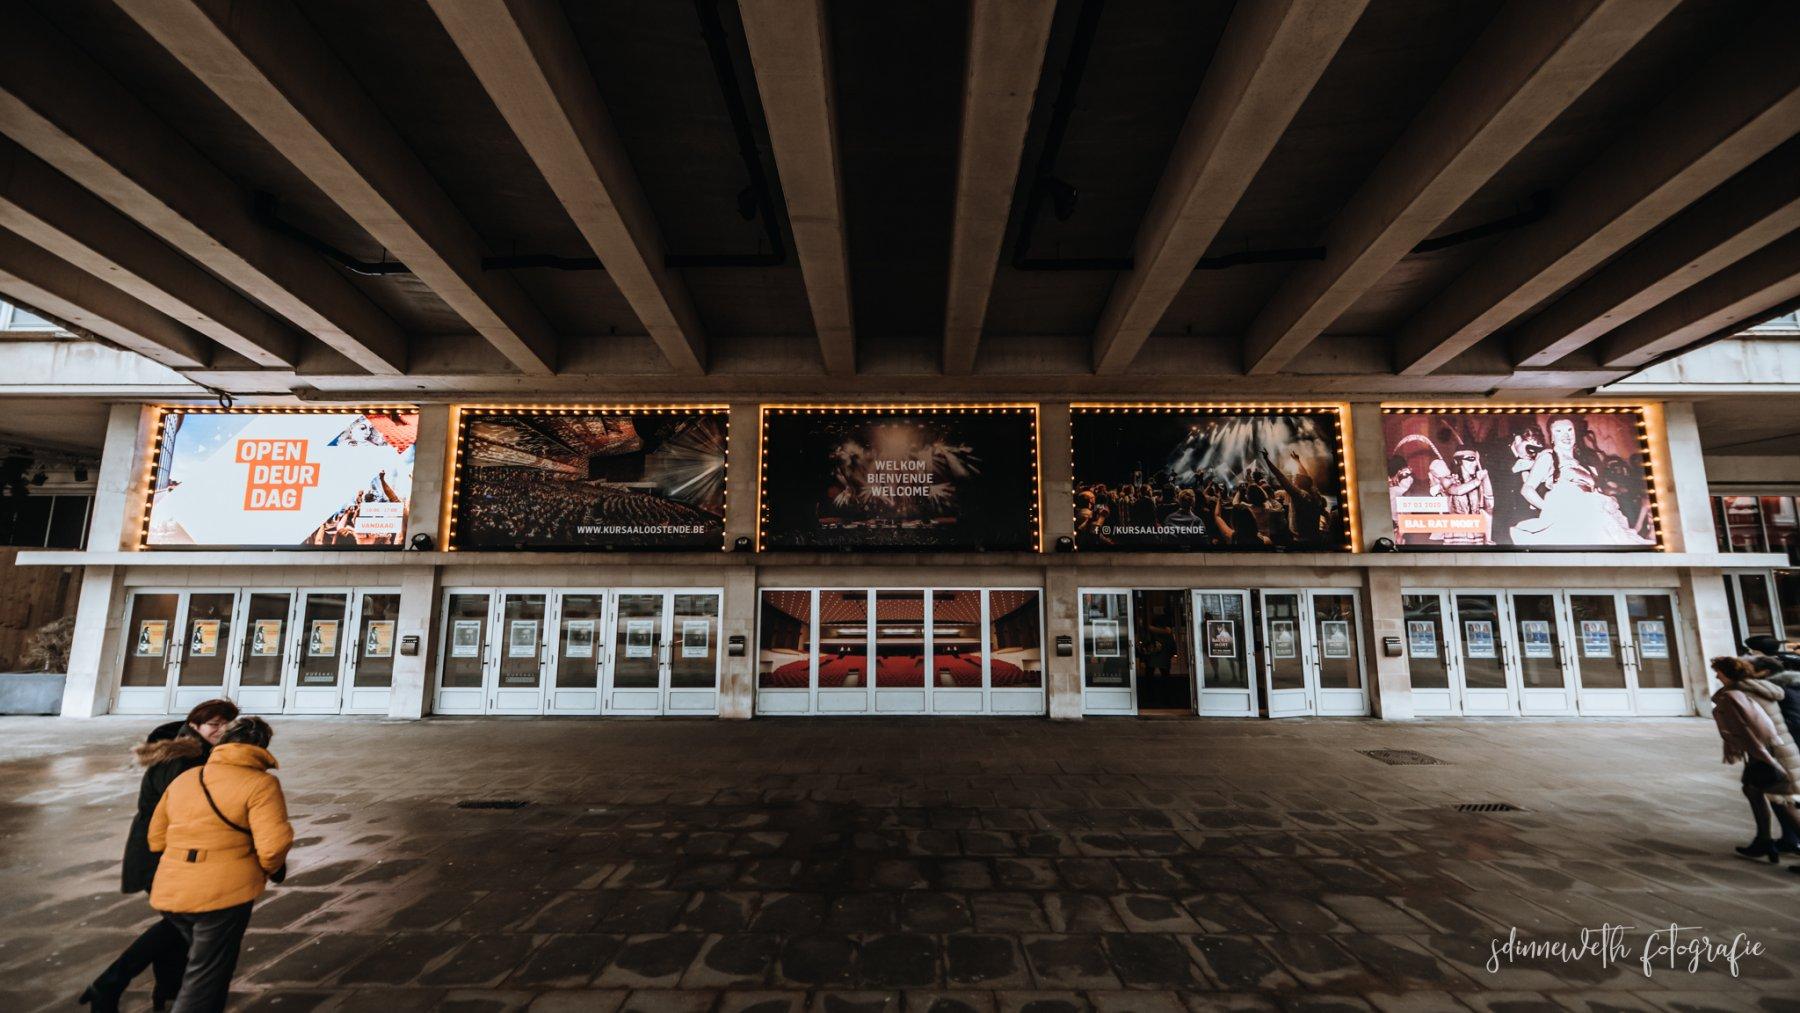 Ingang Kursaal Oostende